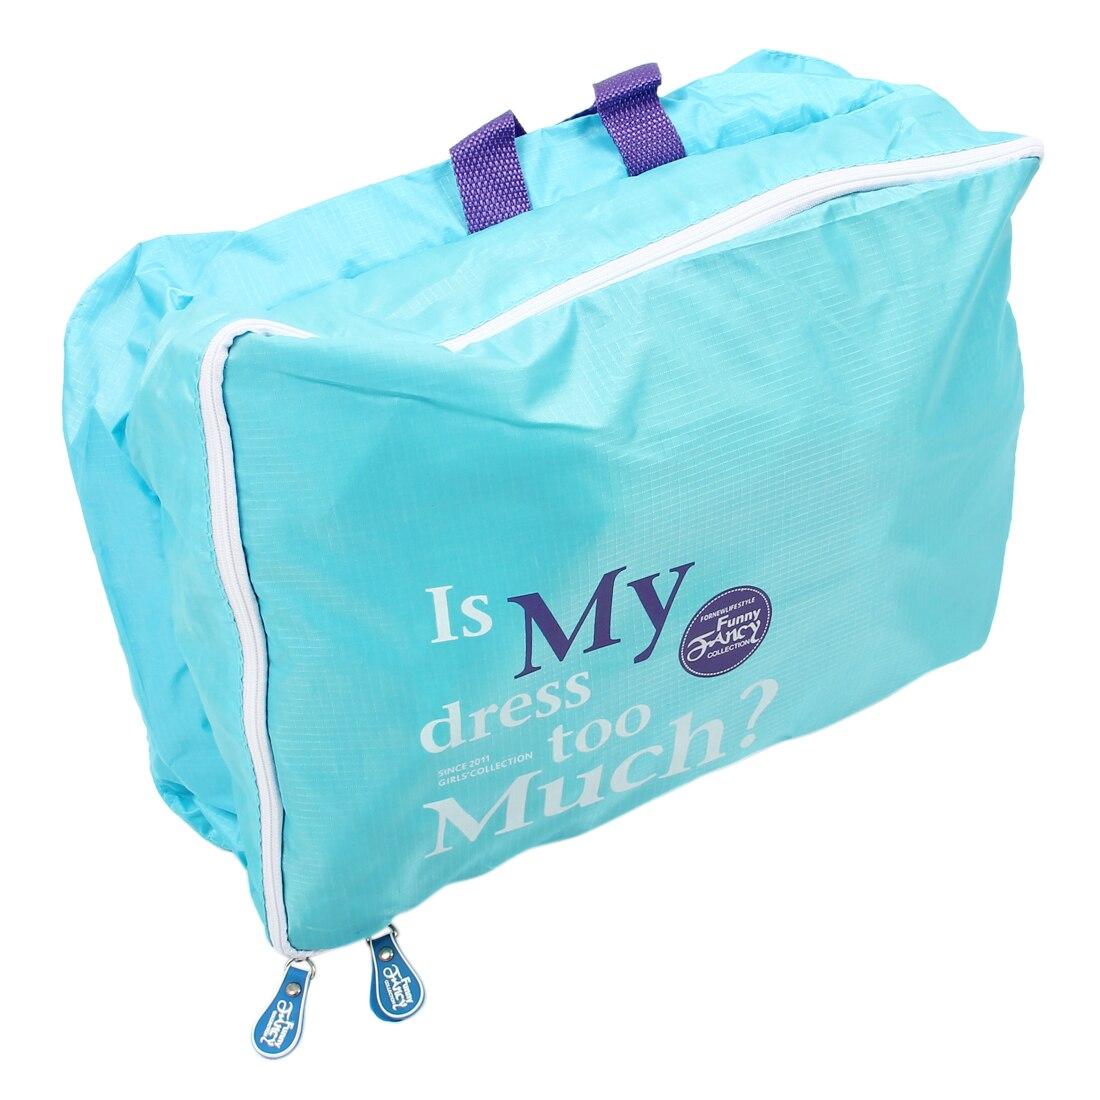 Wujiantao одежда держит мешок должны путешествовать корпус сумка